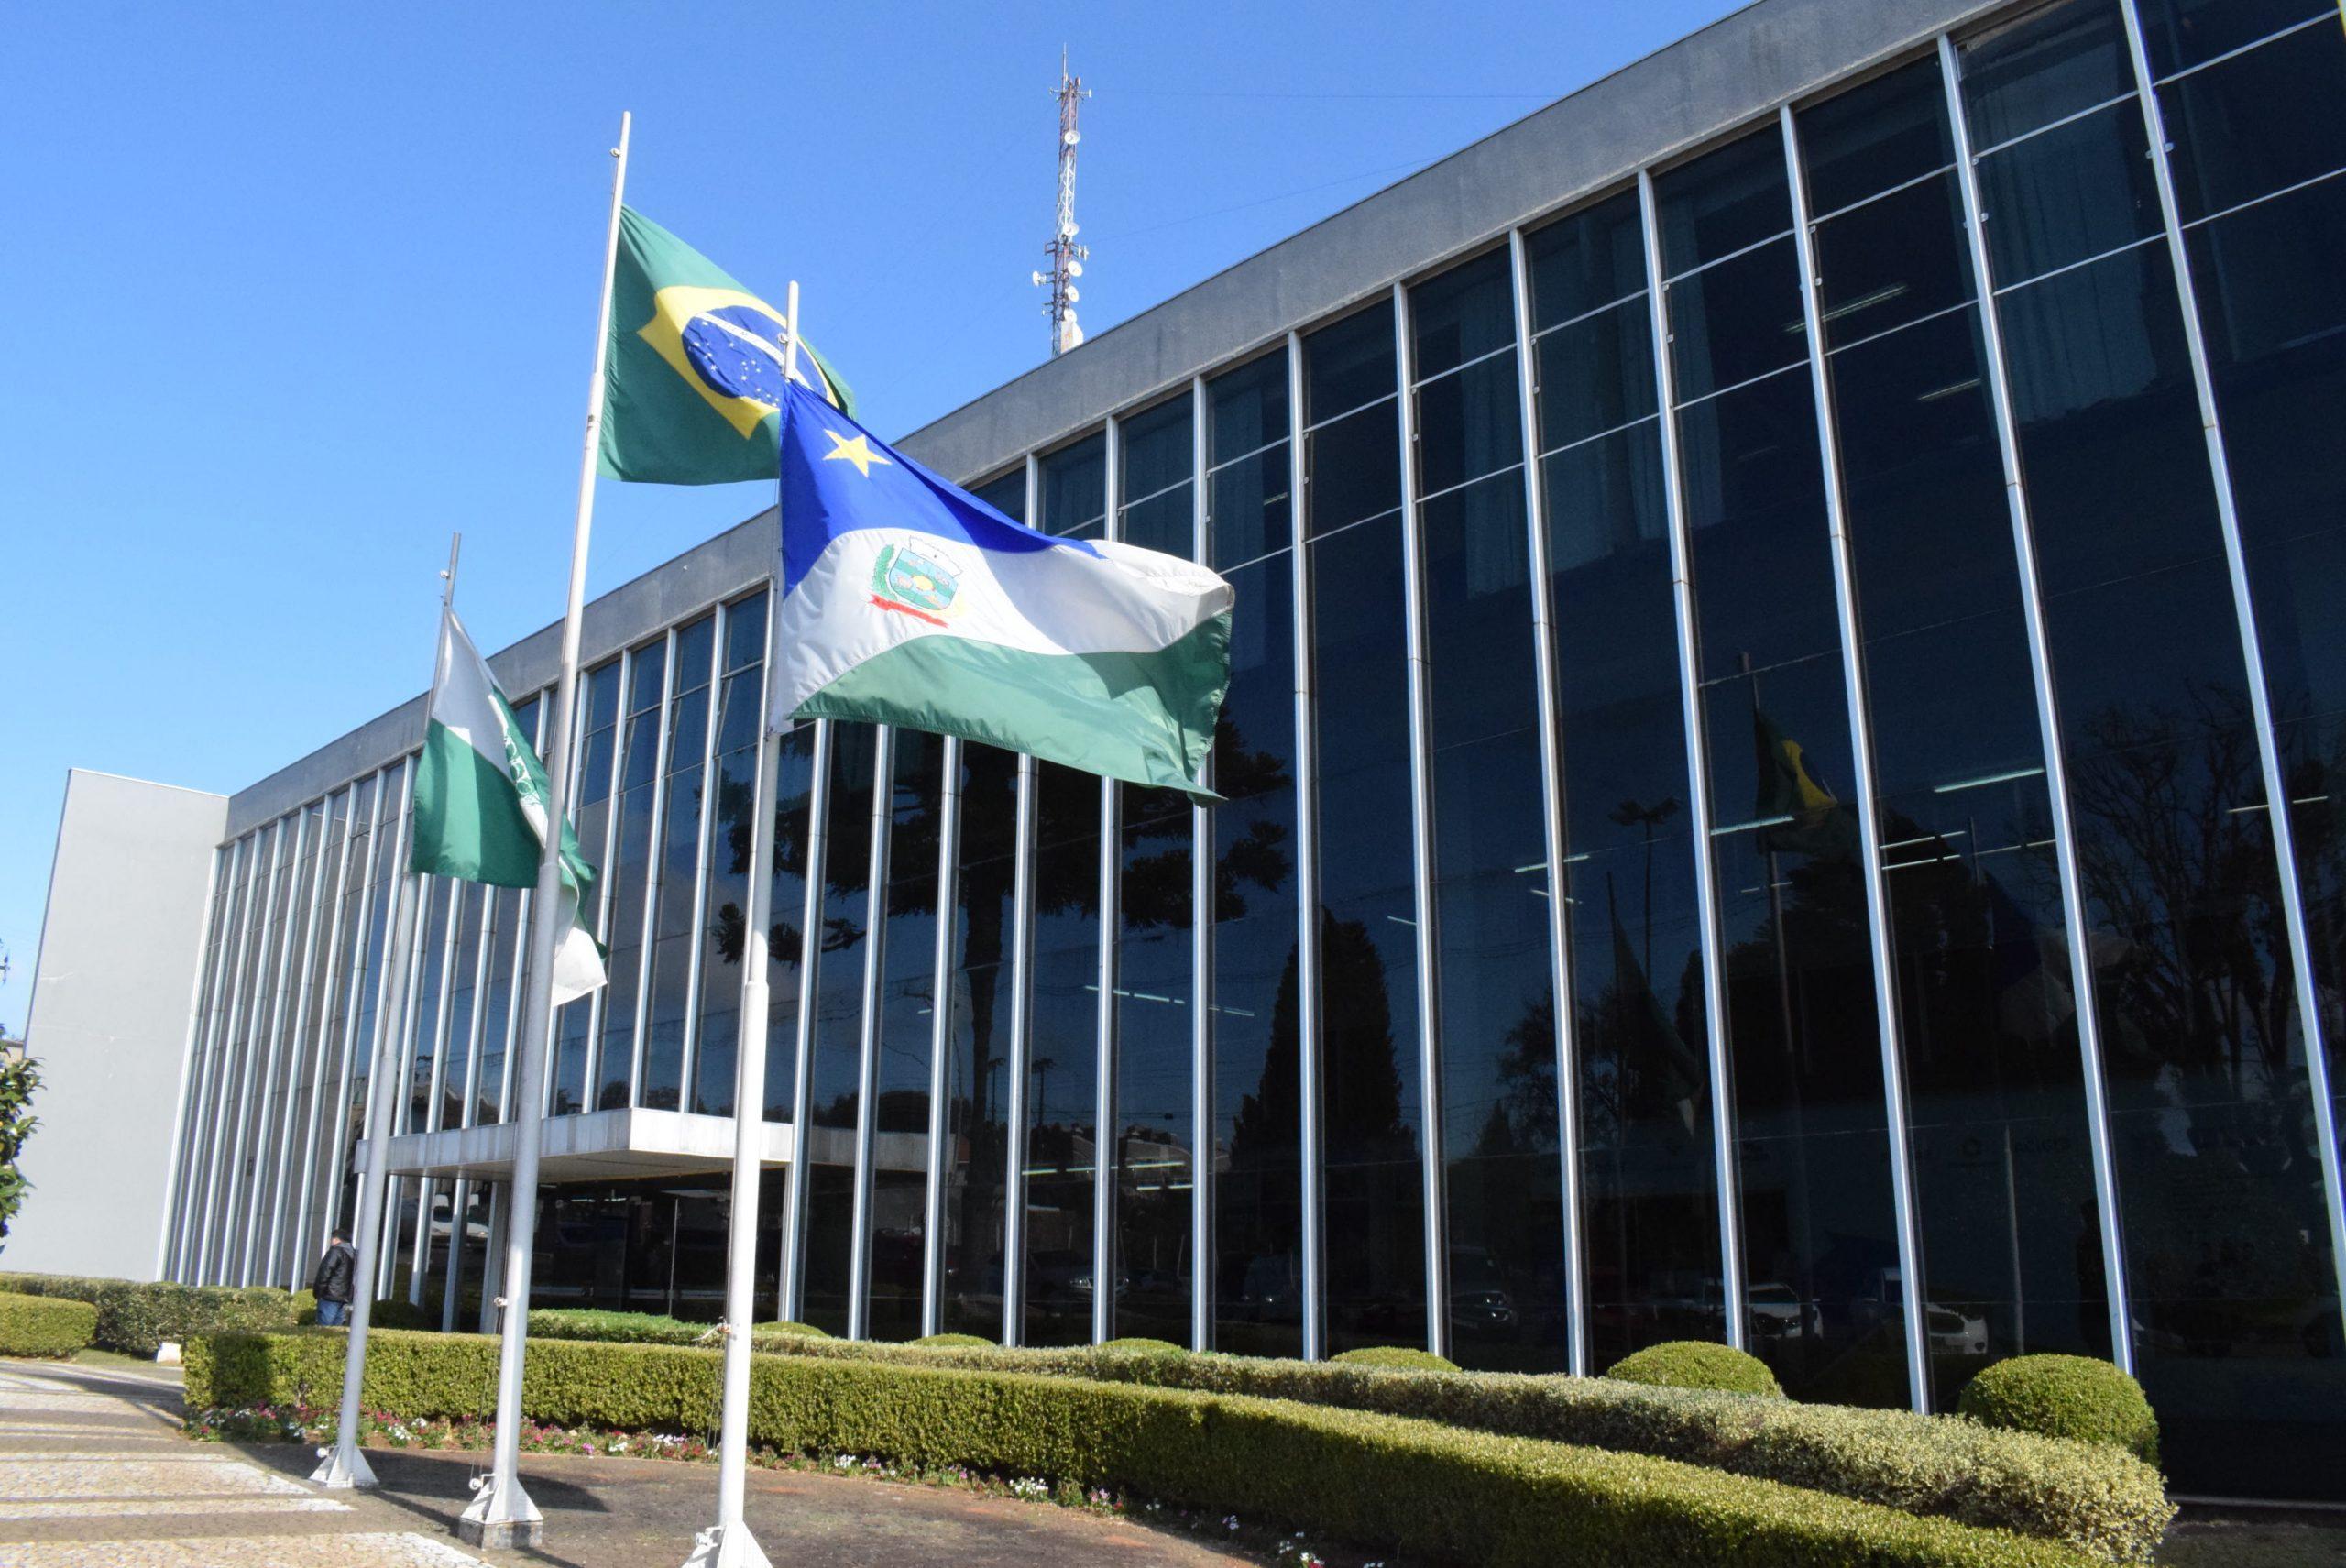 foto de prefeitura - qual o partido que mais elegeu prefeitos no brasil eleições 2020